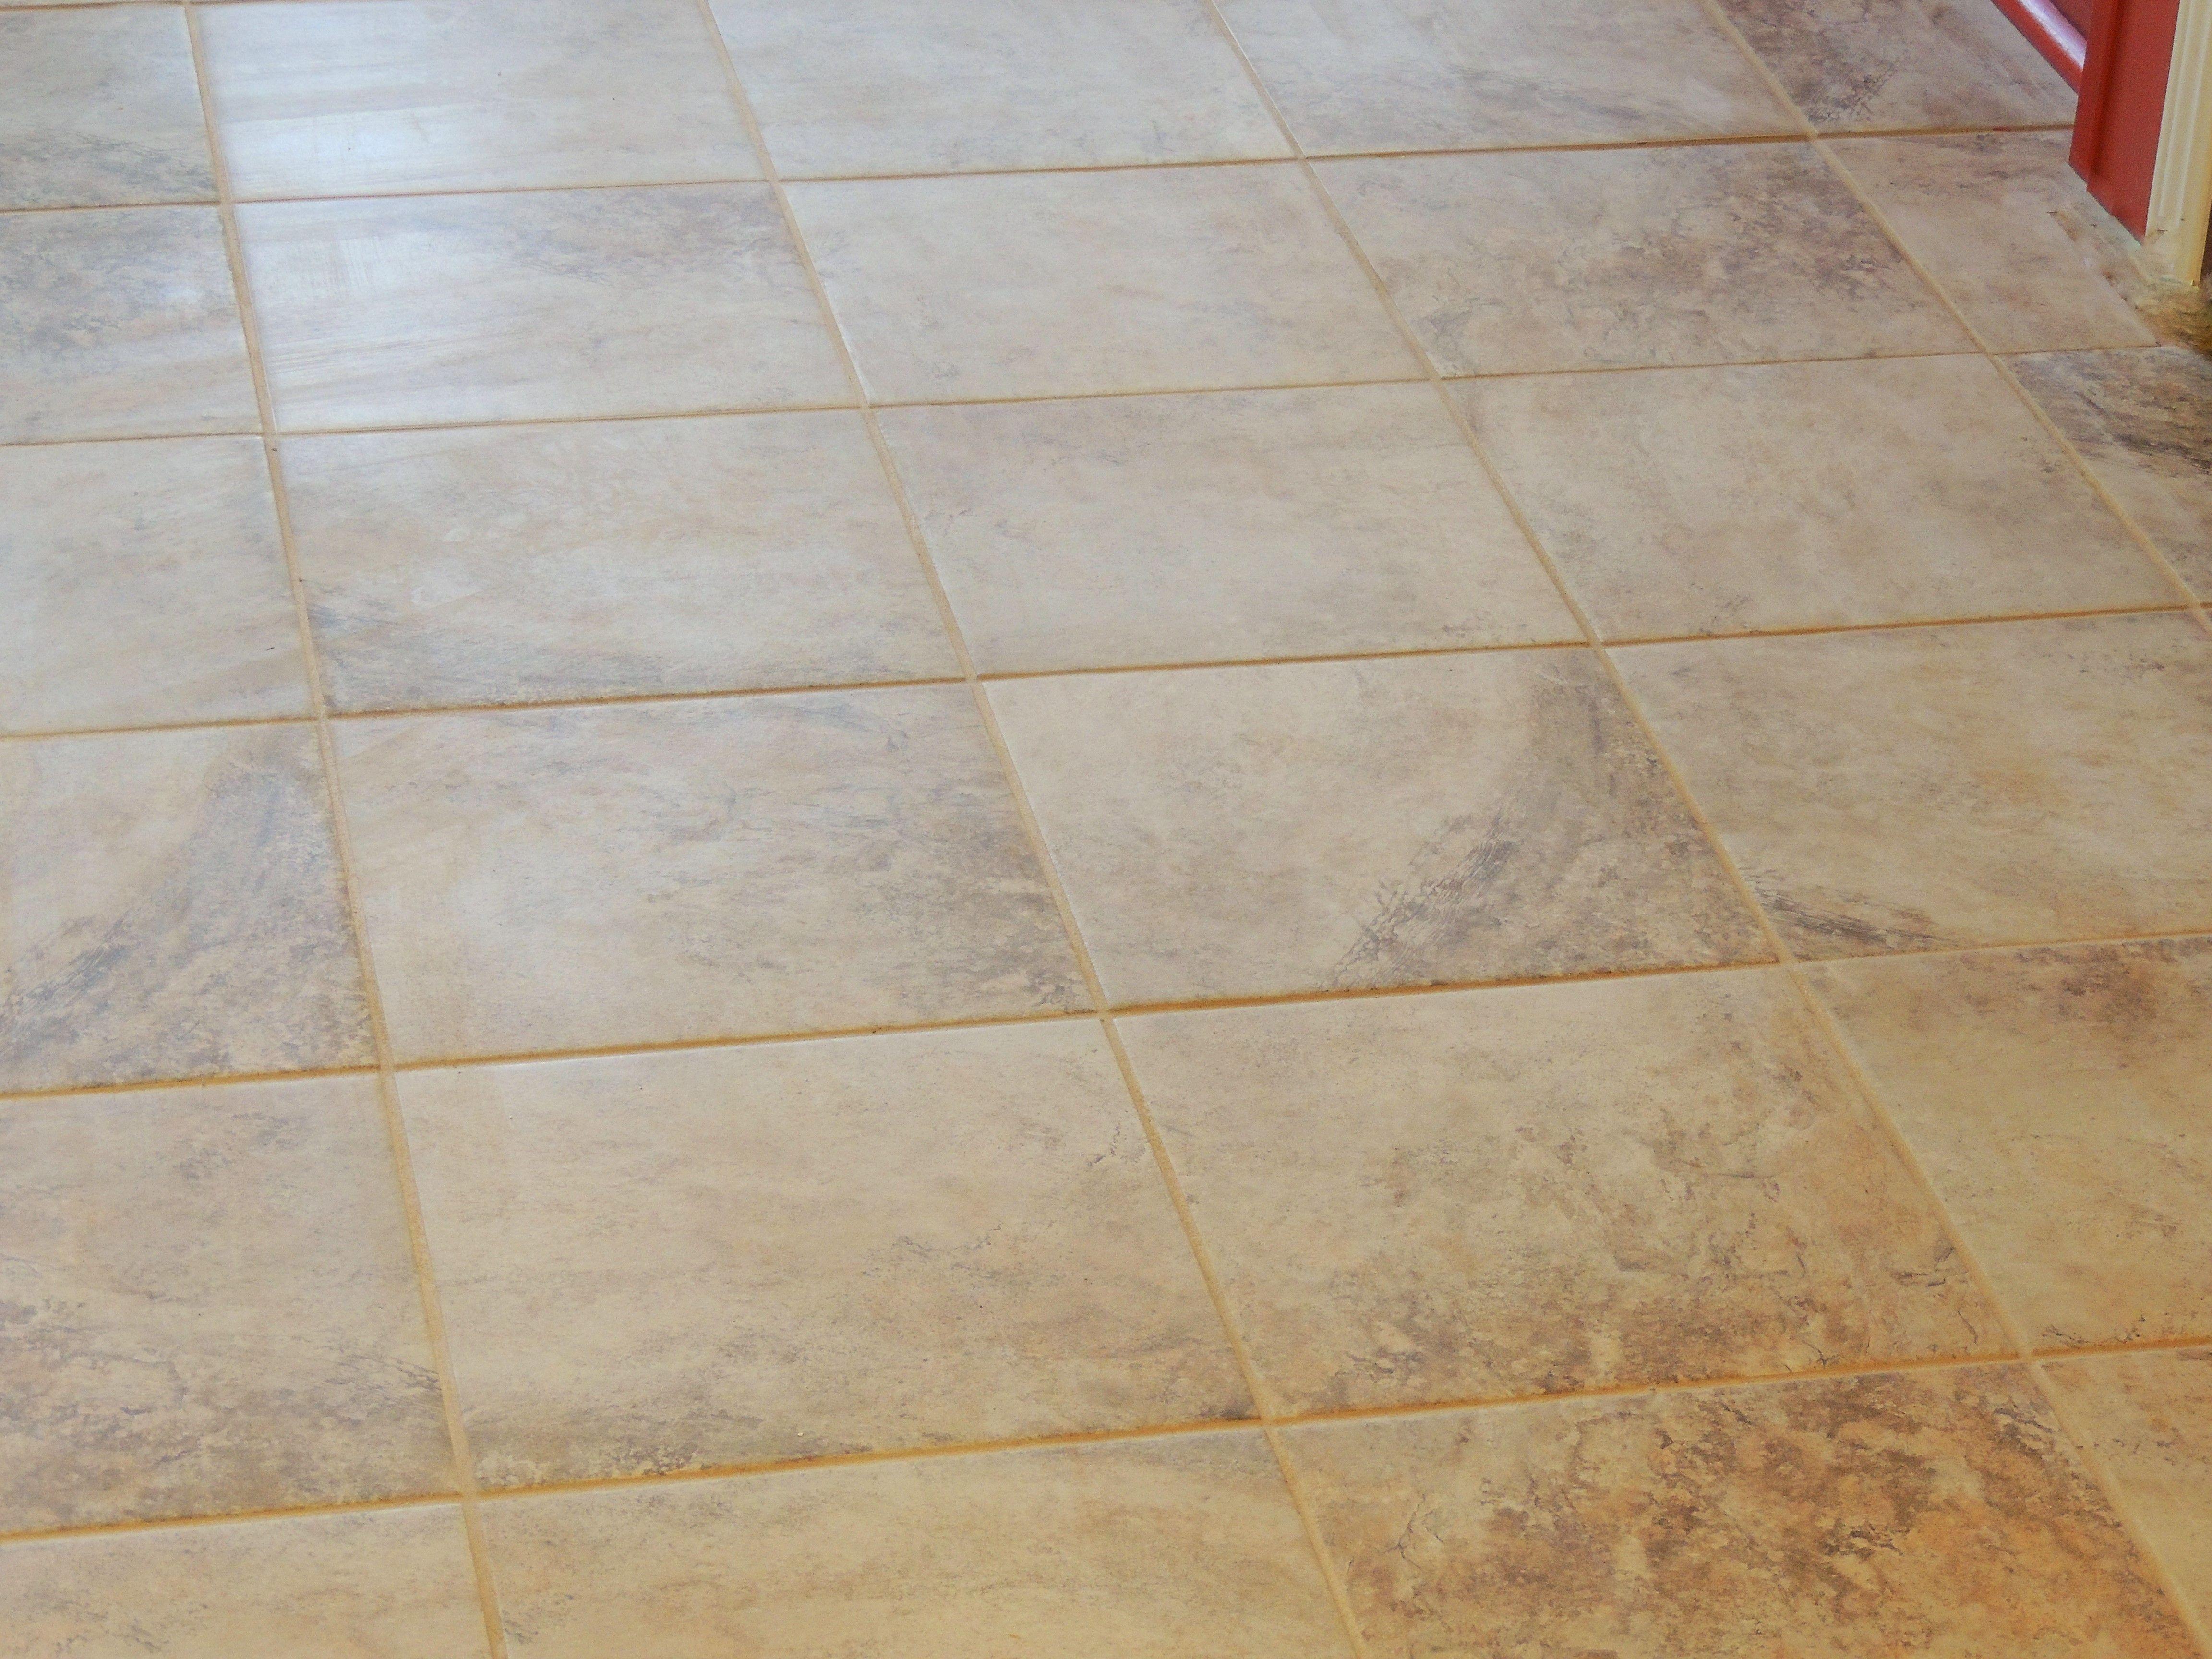 Lowes Tile Grout | Tile Design Ideas